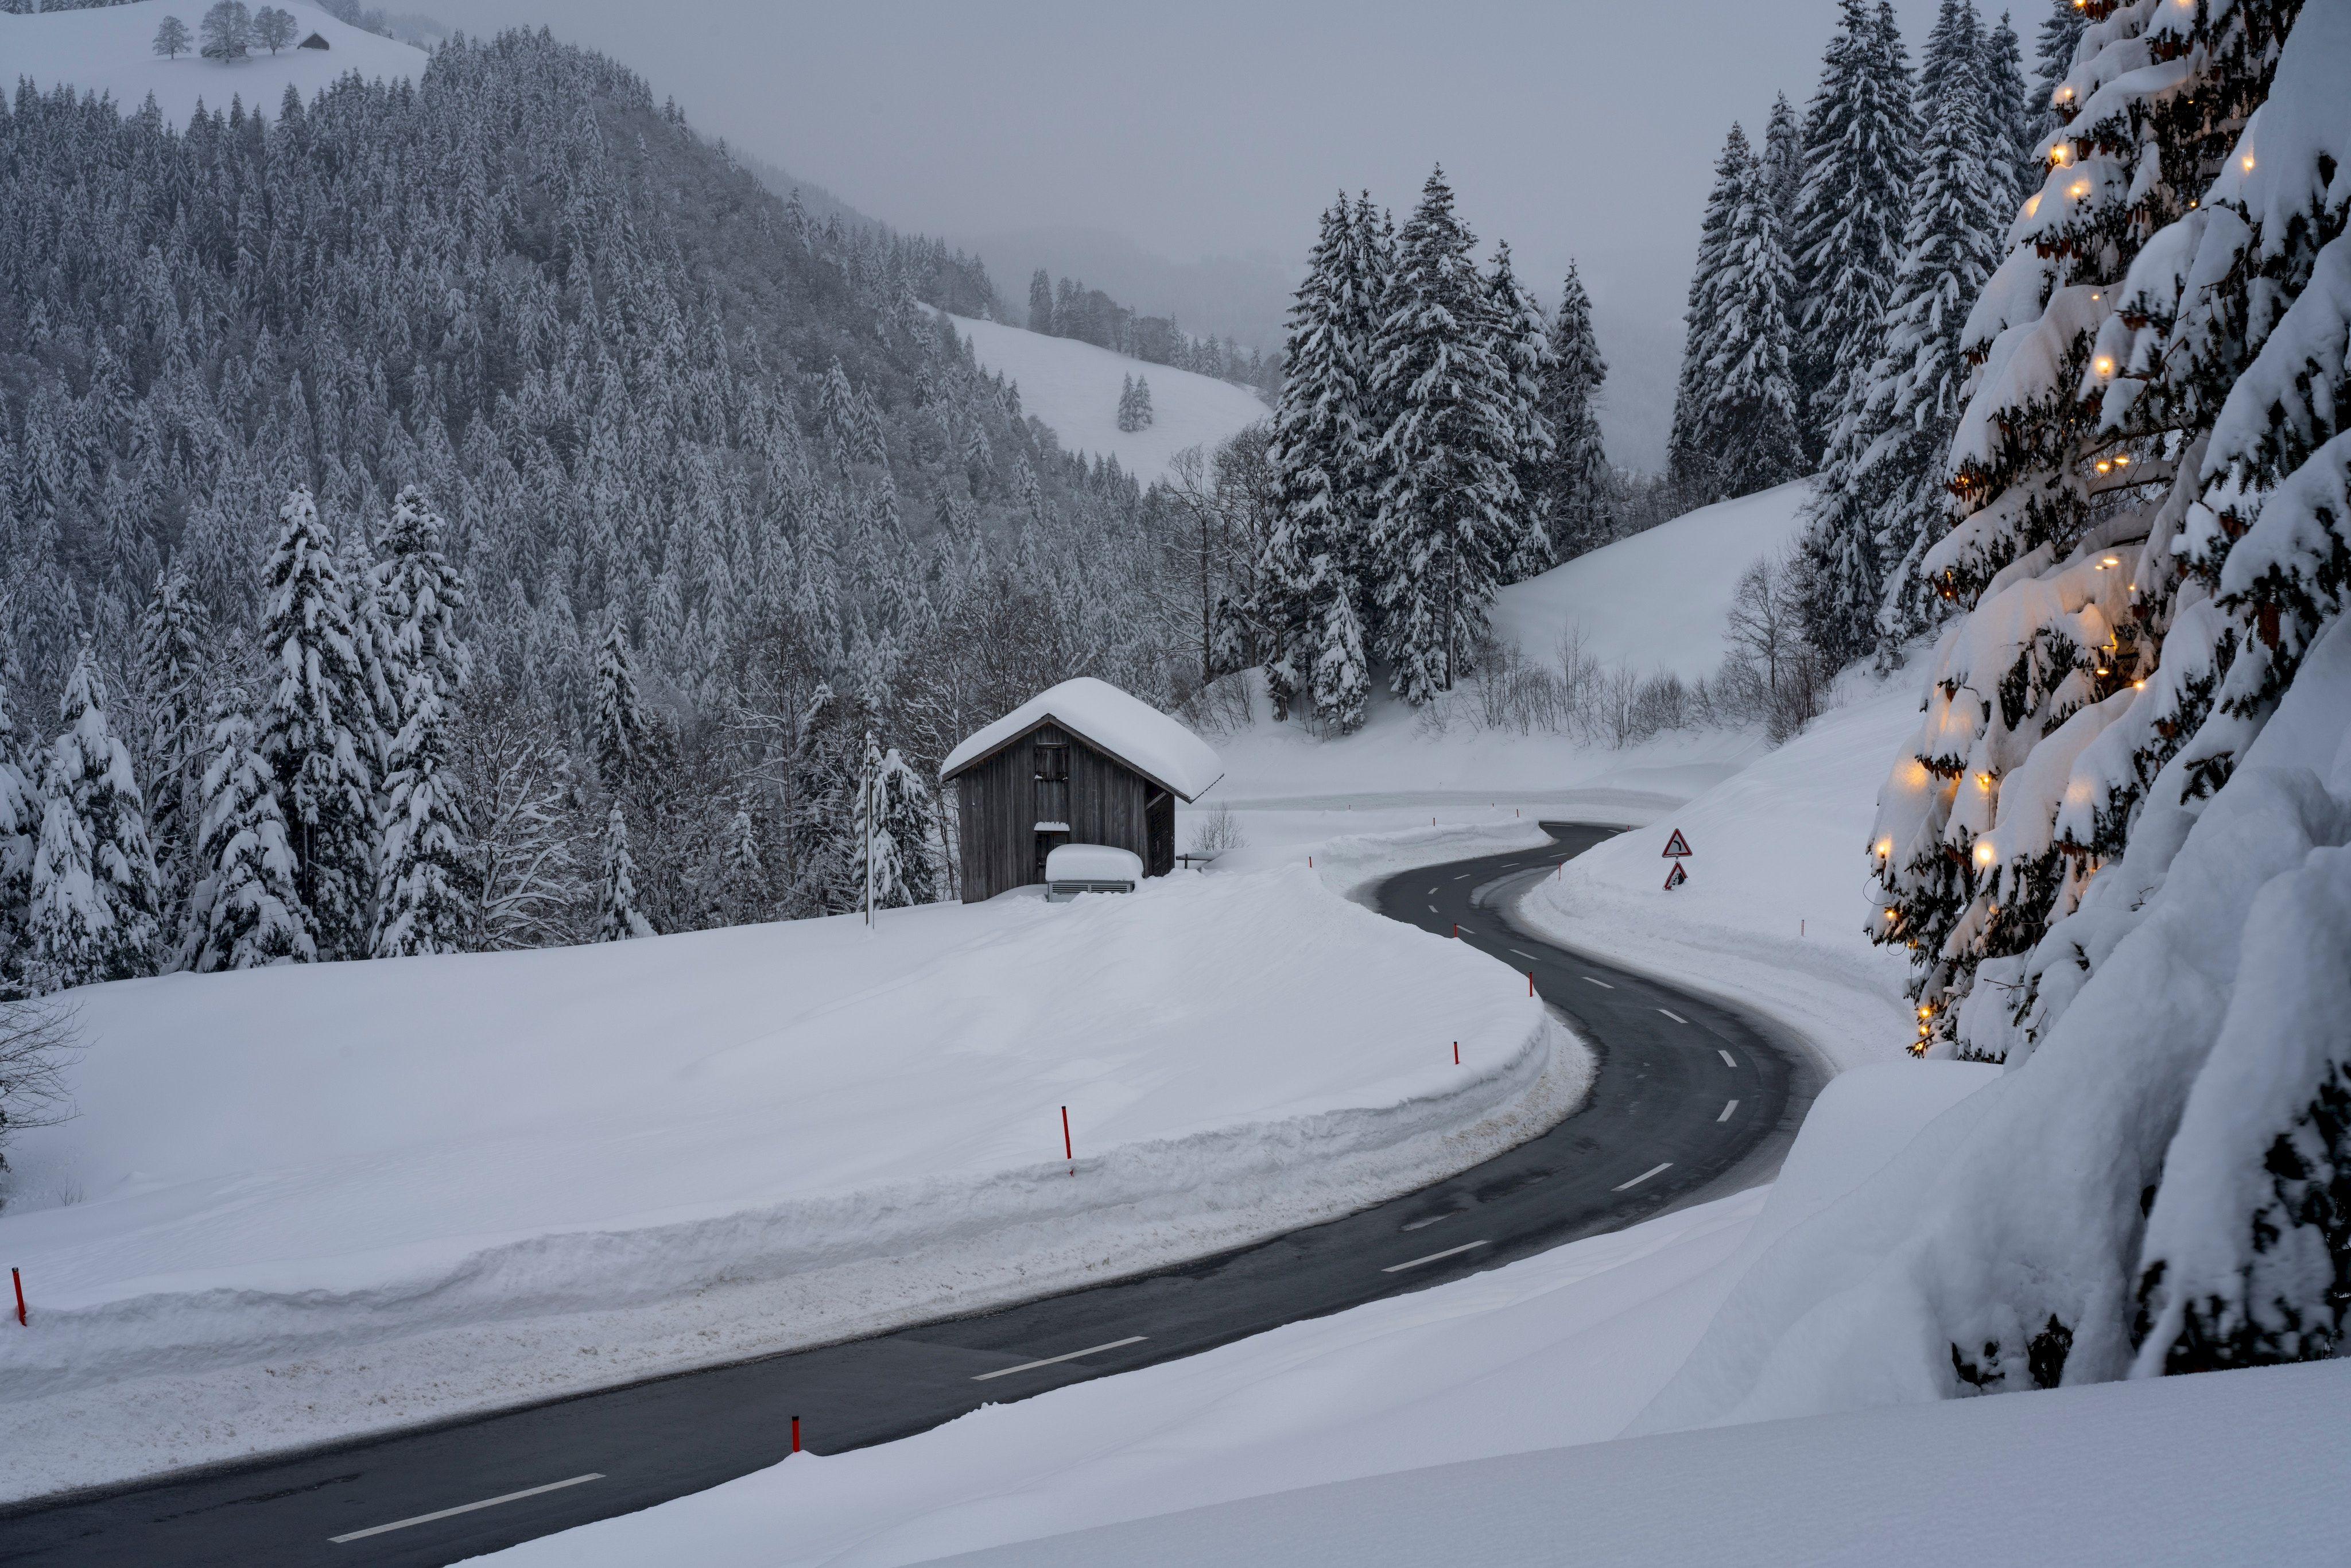 105397 обои 720x1280 на телефон бесплатно, скачать картинки Зима, Природа, Снег, Дорога, Поворот 720x1280 на мобильный